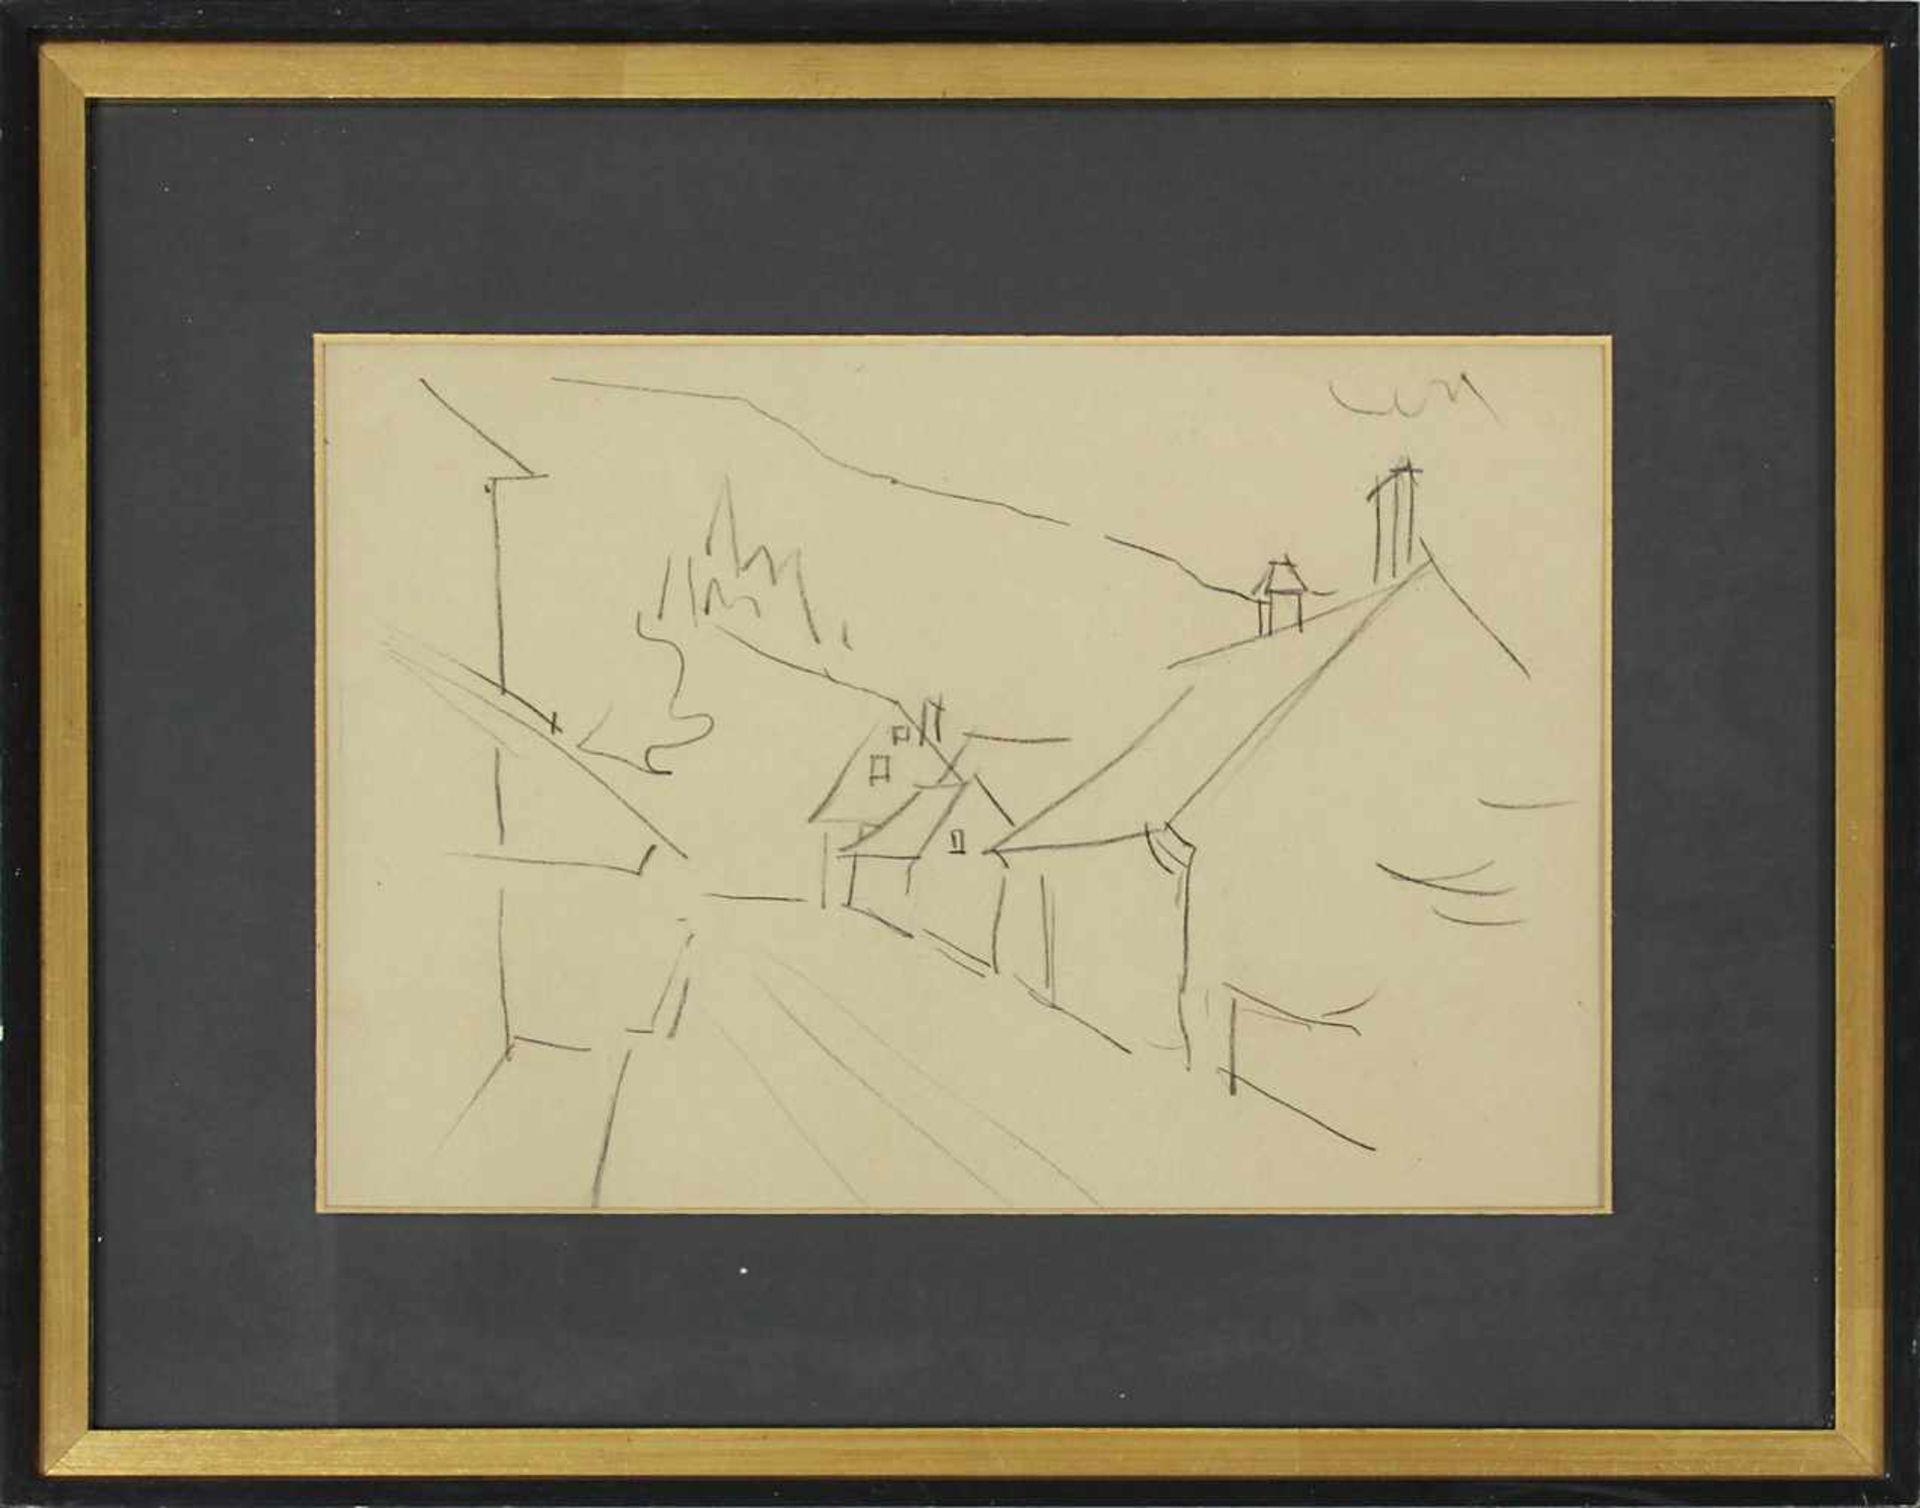 Robert Philippi 1877 - 1959 Landschaft 7 Graphit signiert und betitelt verso 20 x 30 cm - Bild 2 aus 2